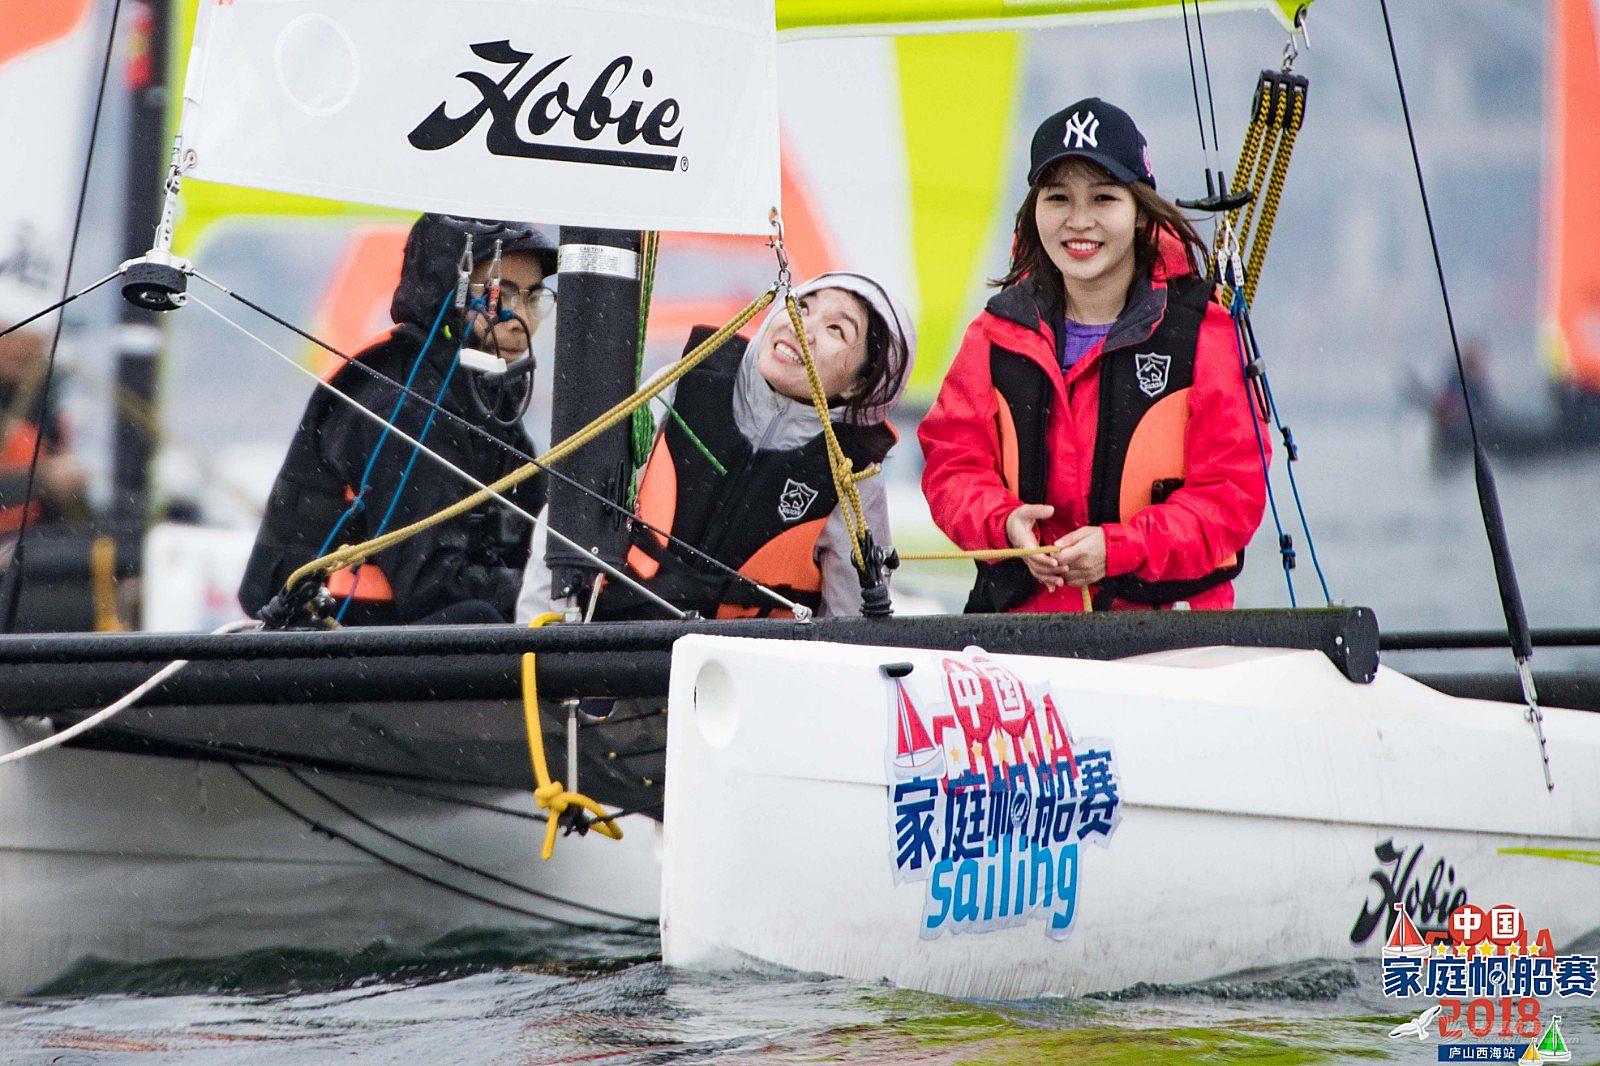 2018中国家庭帆船赛庐山西海站赛事图片-3-摄影师张金龙